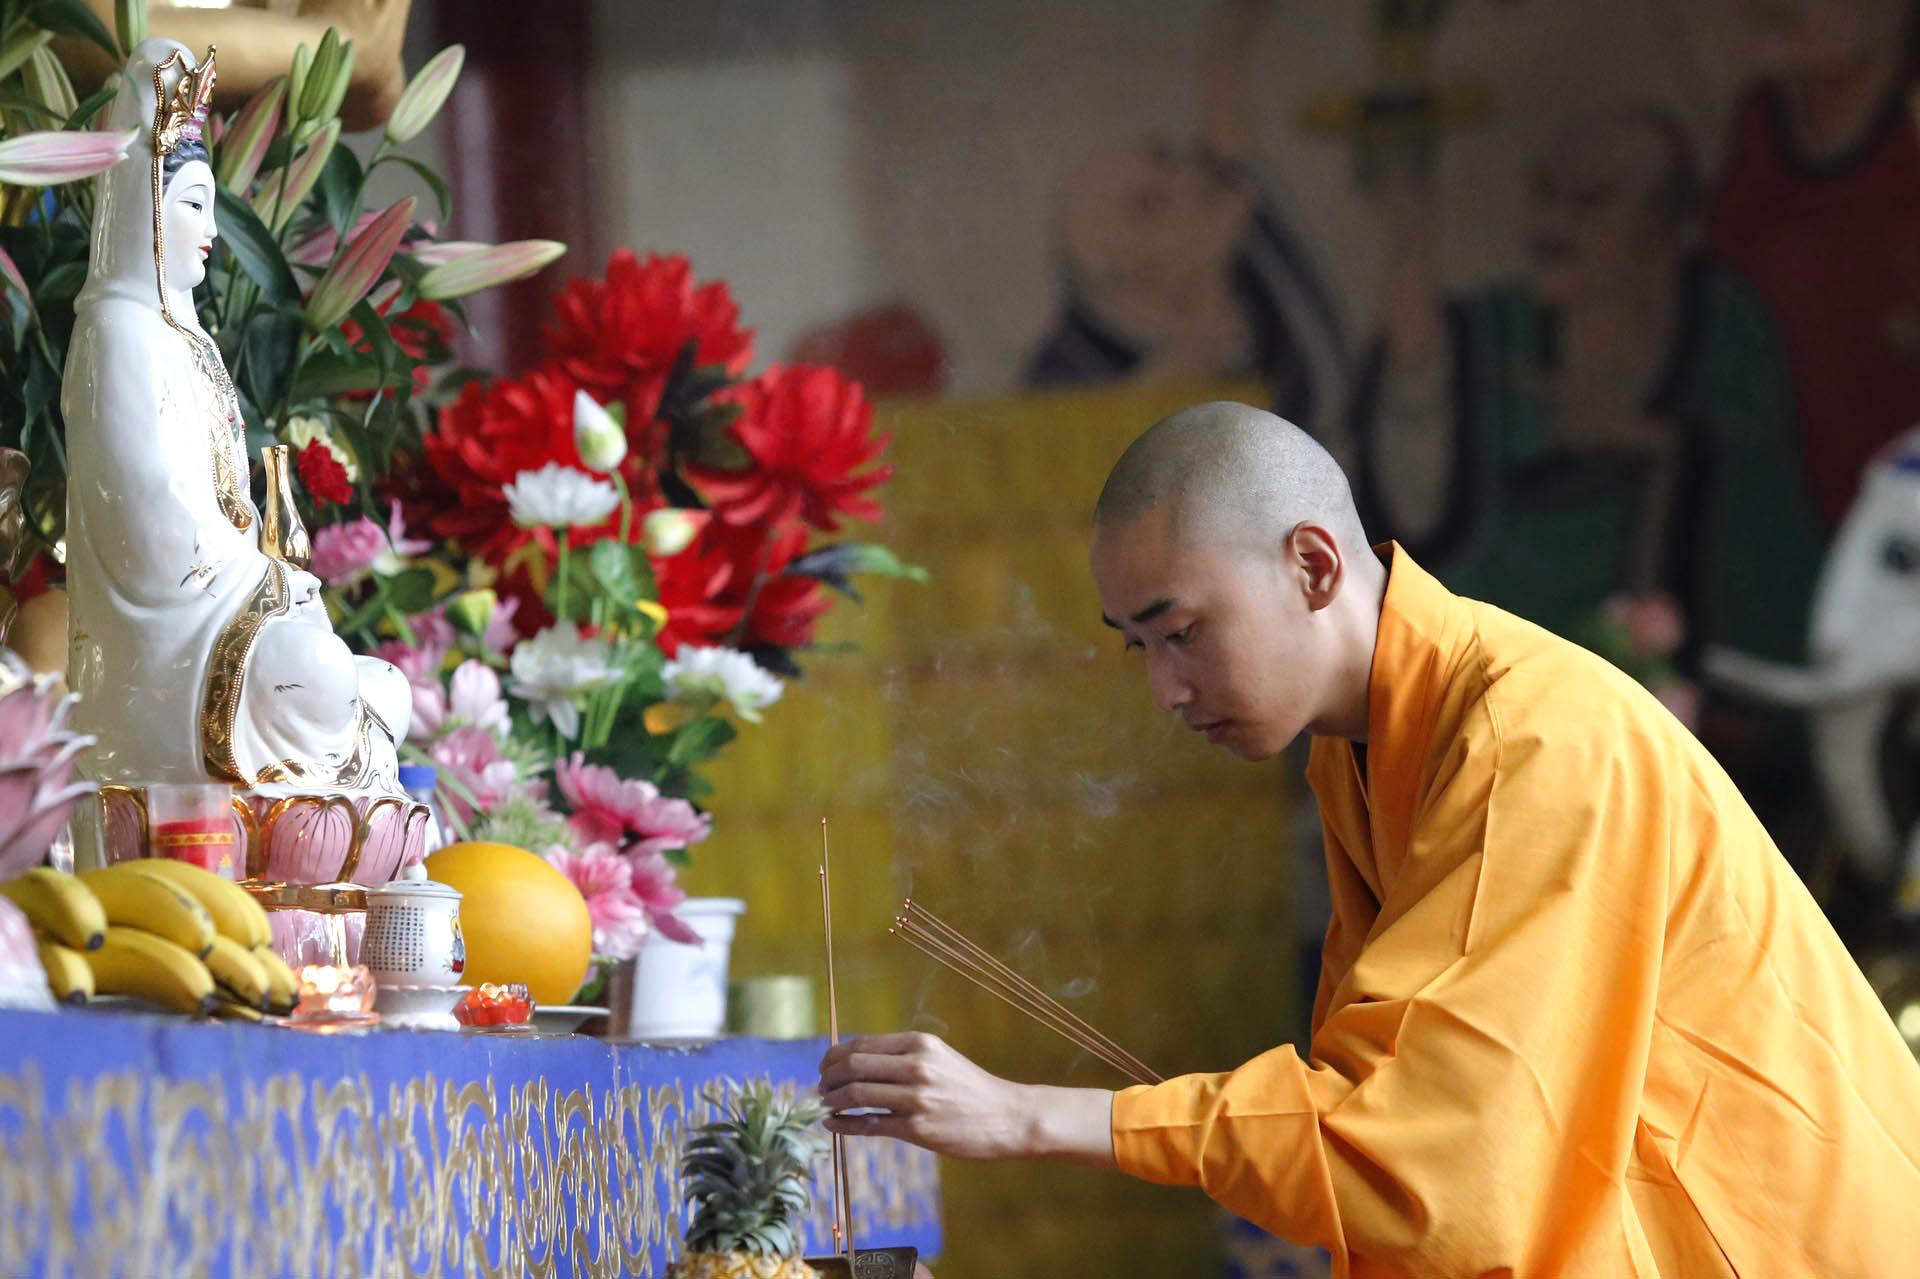 Guan Yin - Guan Yin y la Indigenización del Budismo en China